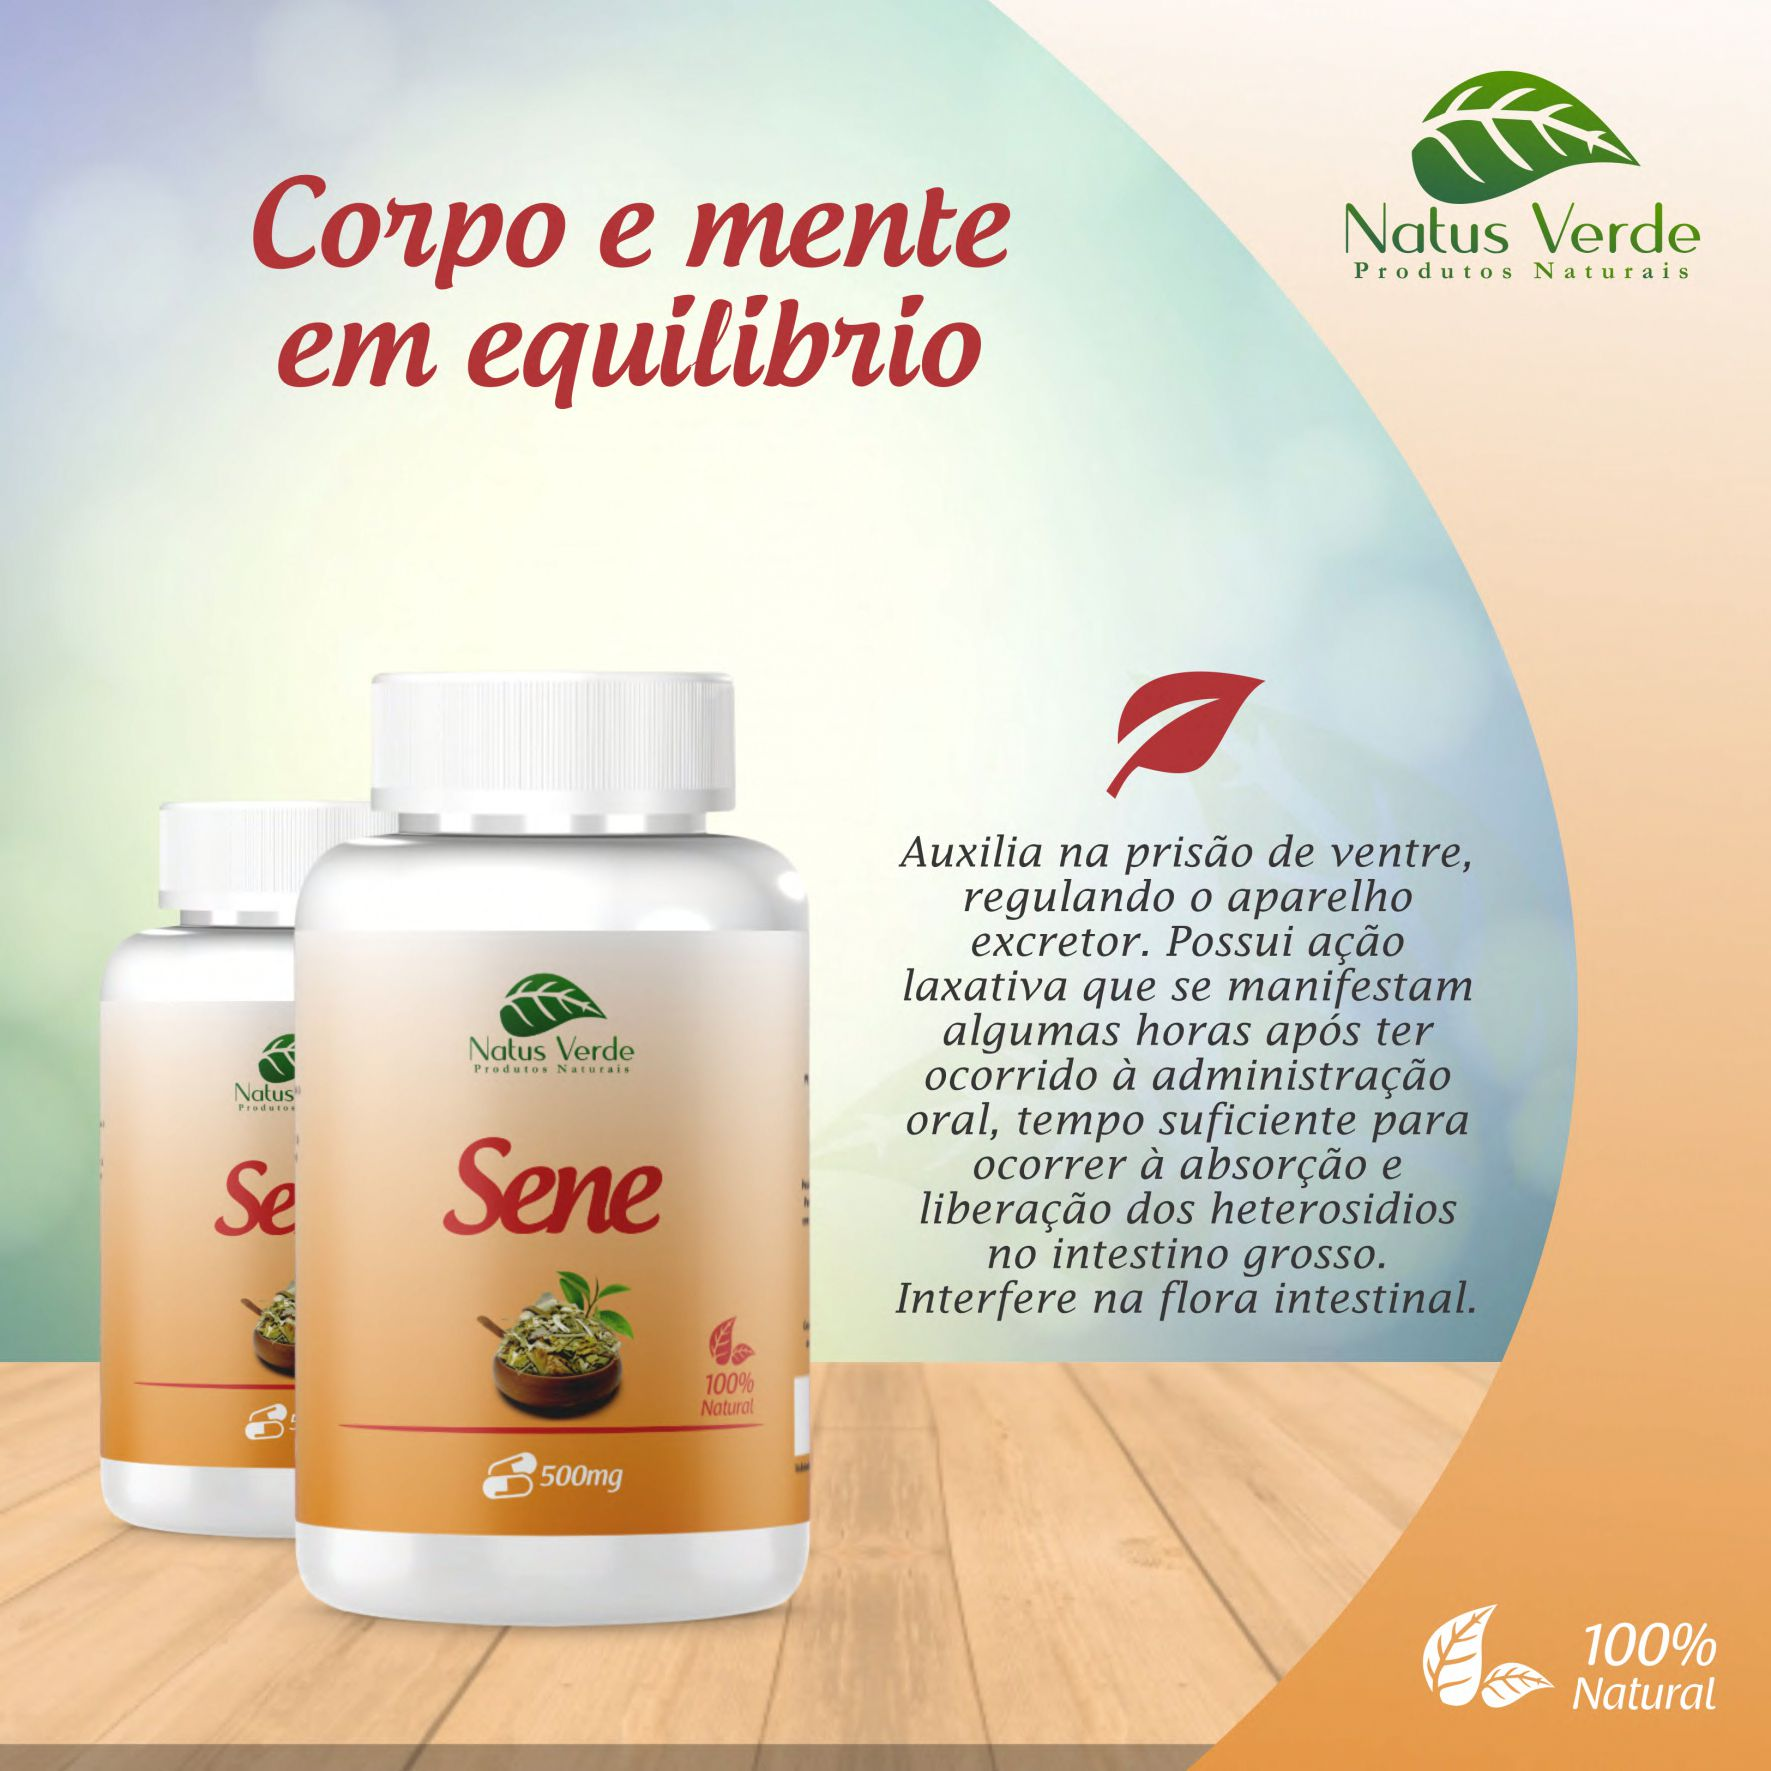 Laxante Natural Sene produto orgânico 60 Caps Natus Verde   - Fribasex - Fabricasex.com